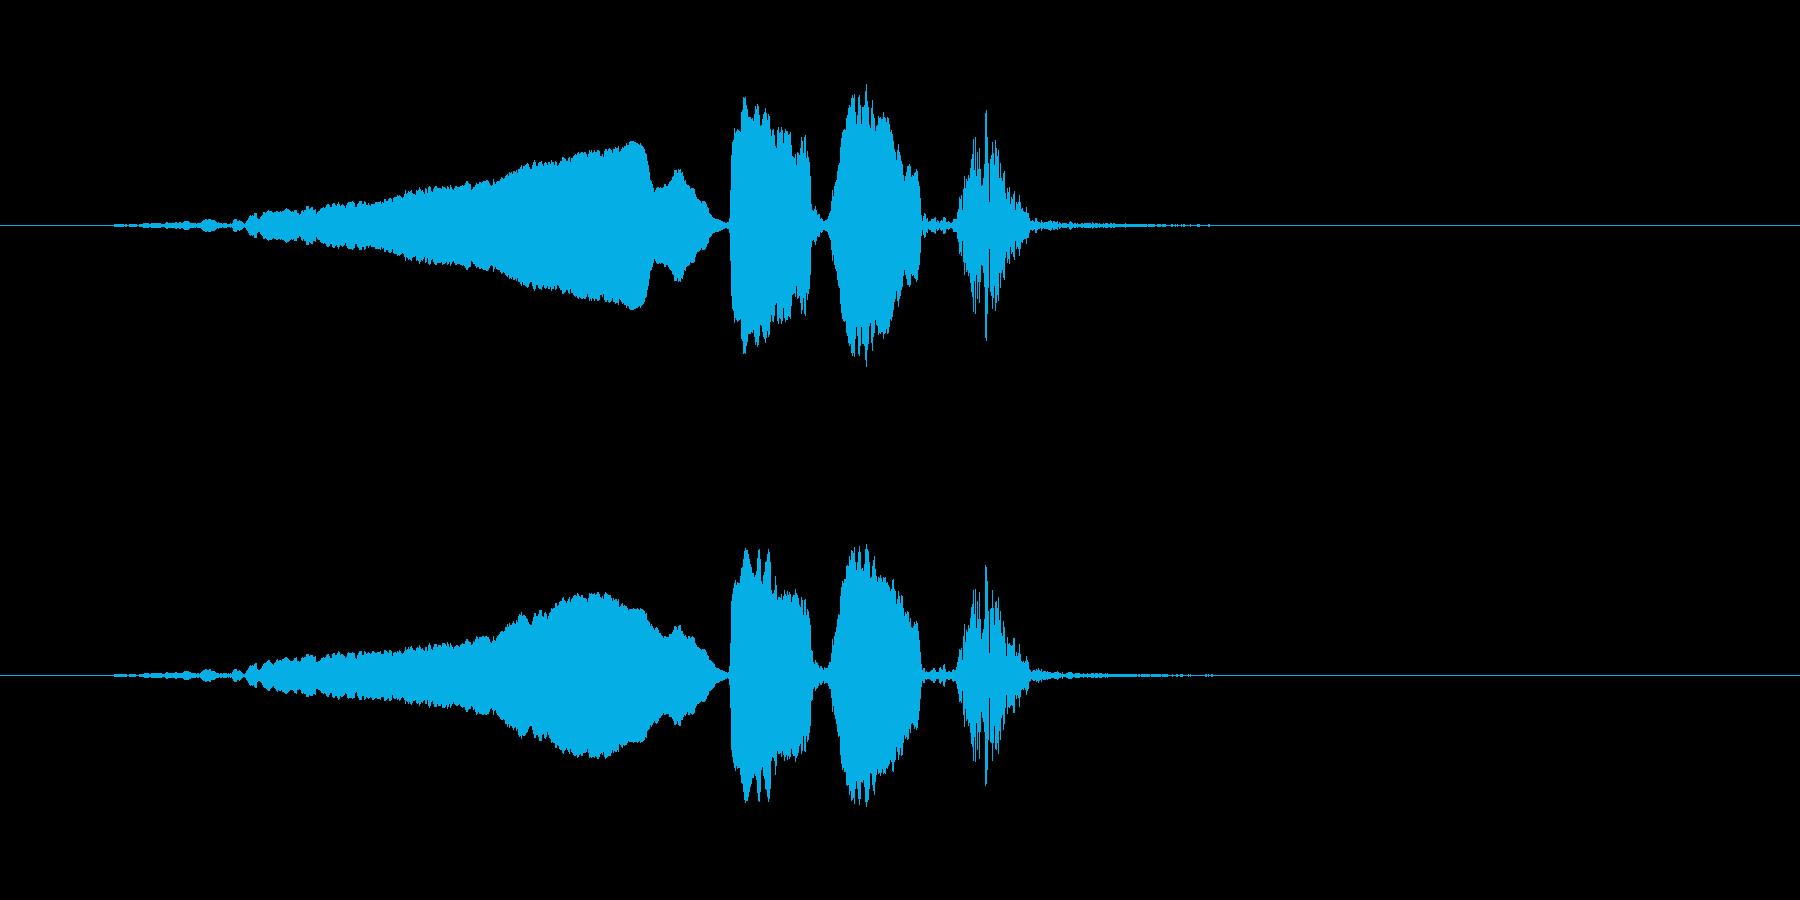 【ウグイス 合成01-1】の再生済みの波形